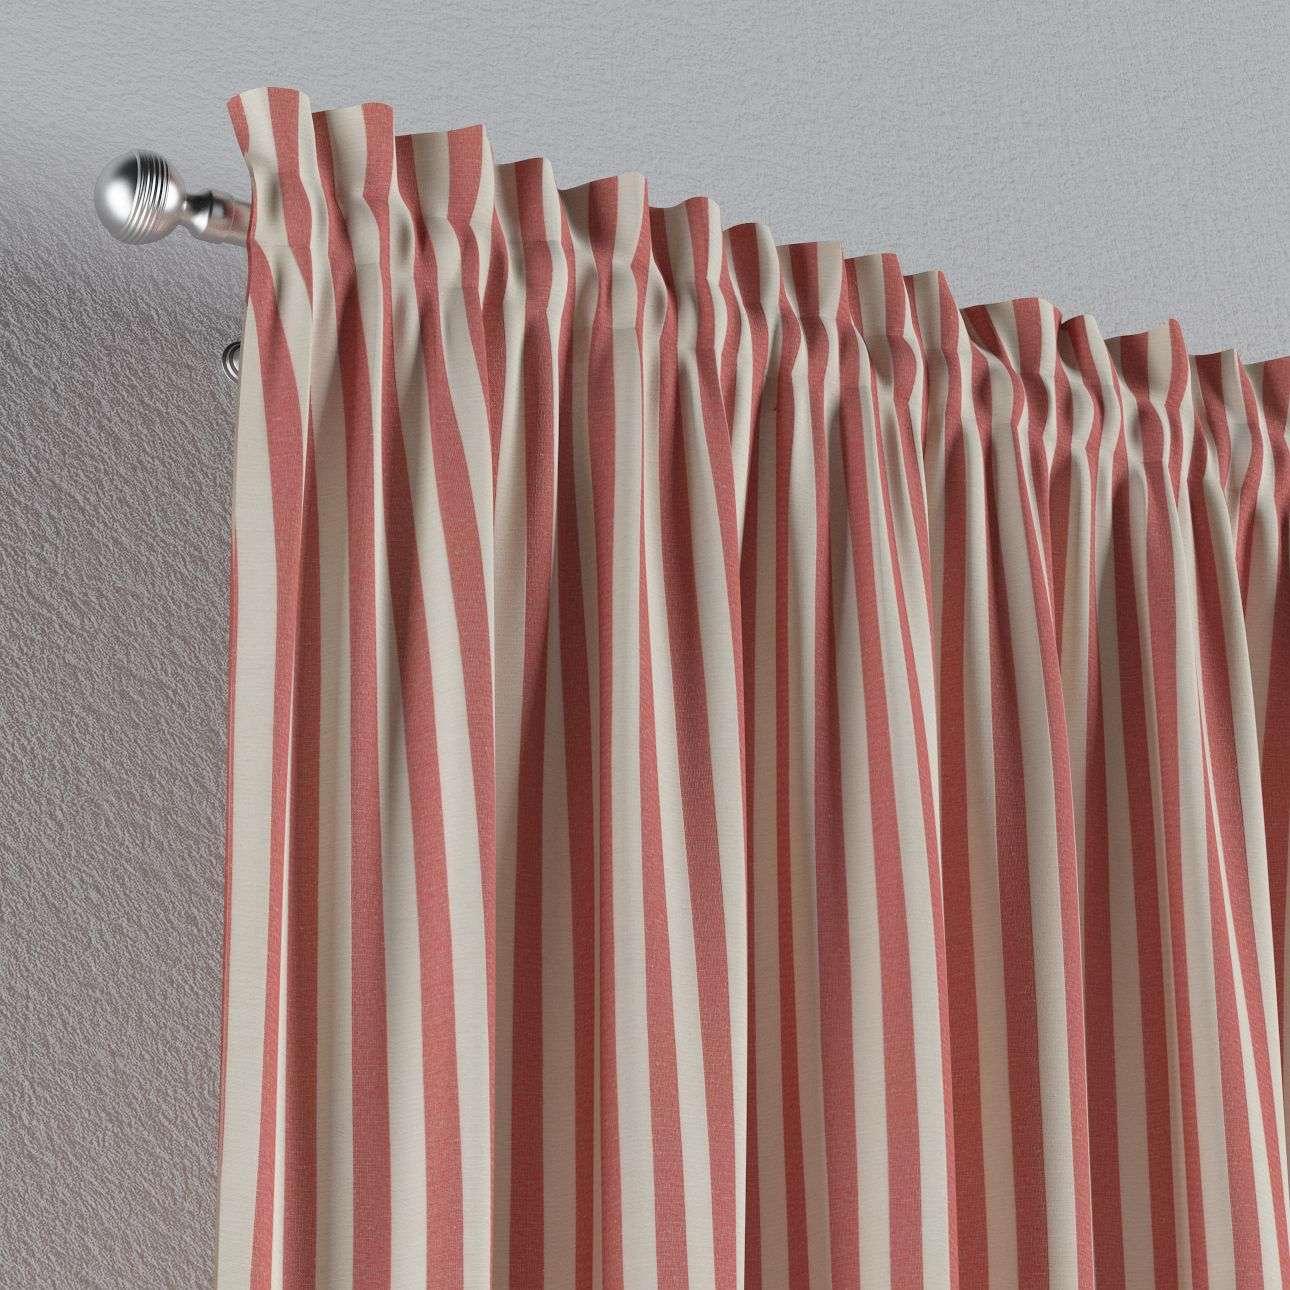 Zasłona na kanale z grzywką 1 szt. 1szt 130x260 cm w kolekcji Quadro, tkanina: 136-17